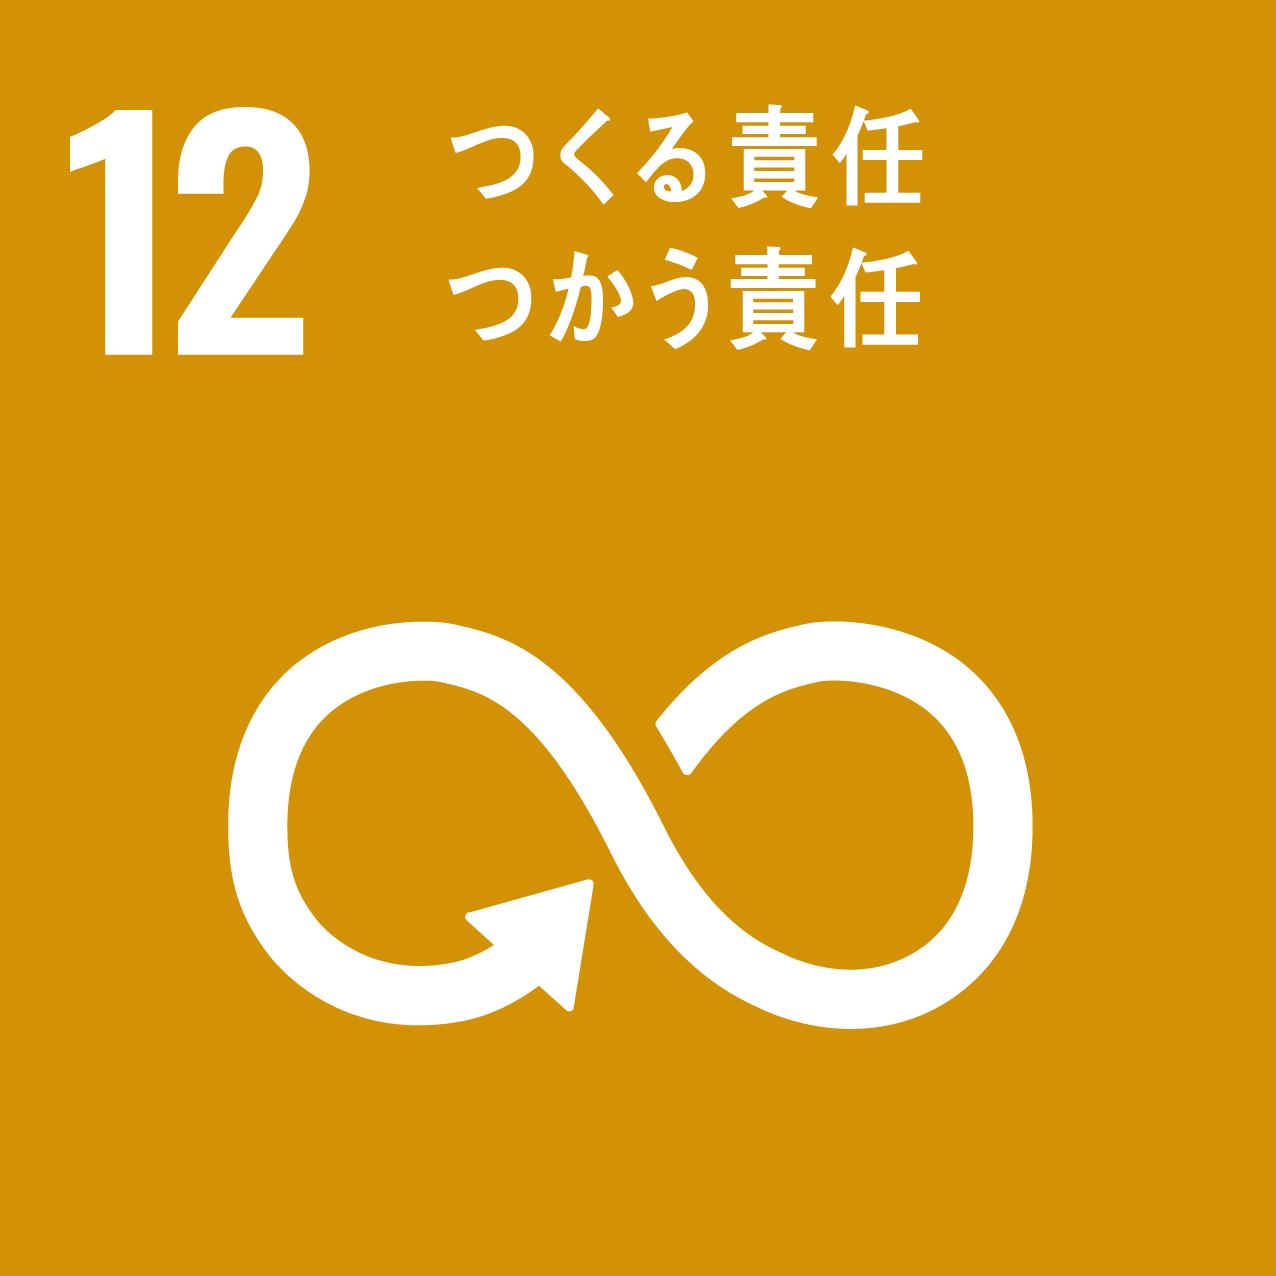 12. つくる責任 つかう責任